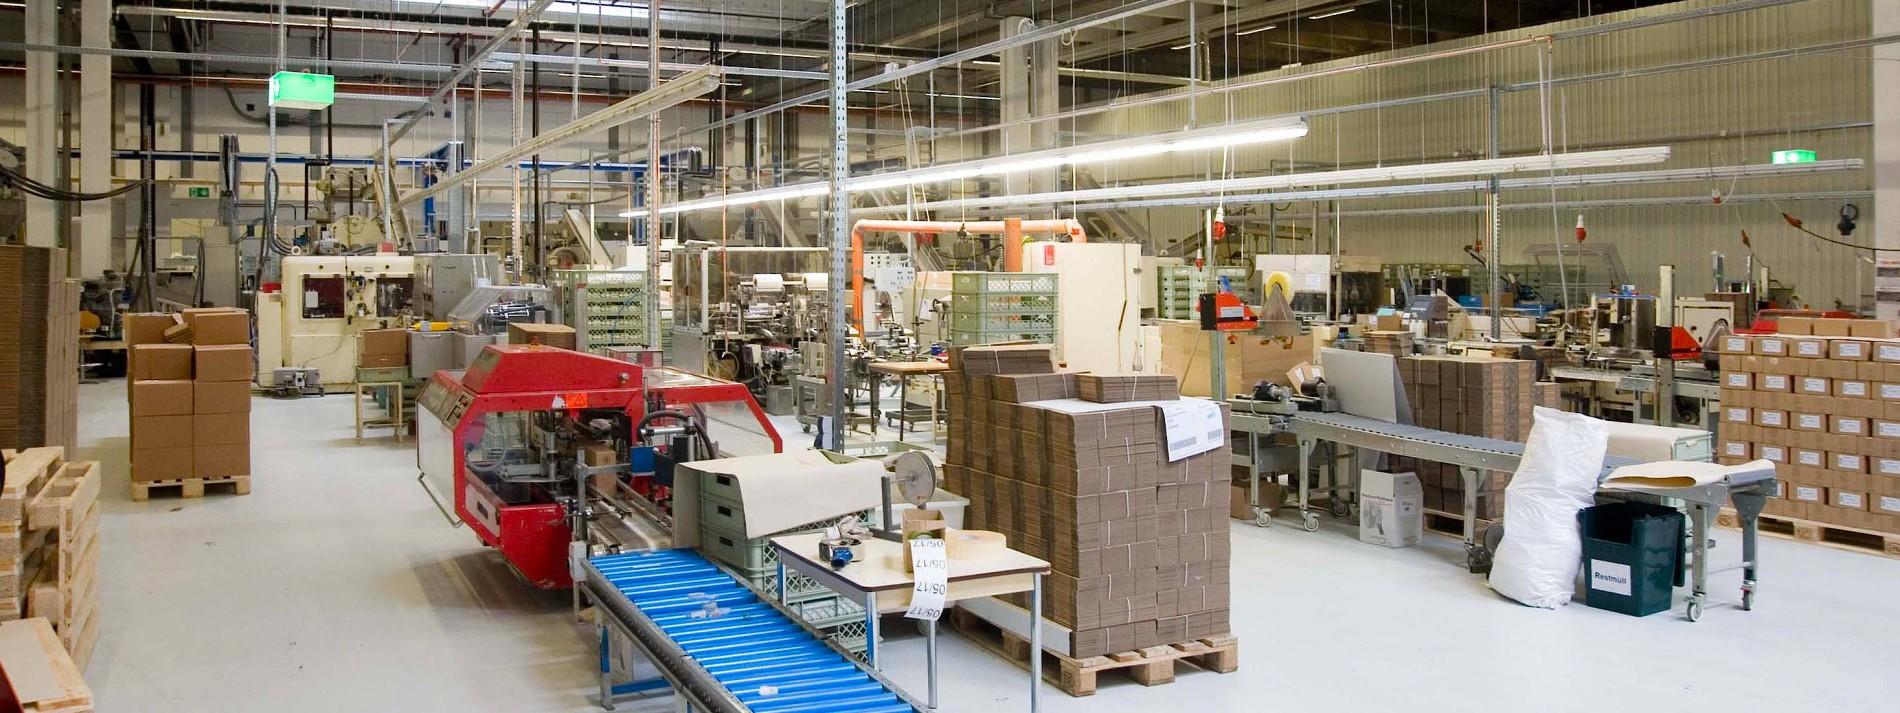 Käufer für zwei Fabriken von Kappus Seife in Sicht